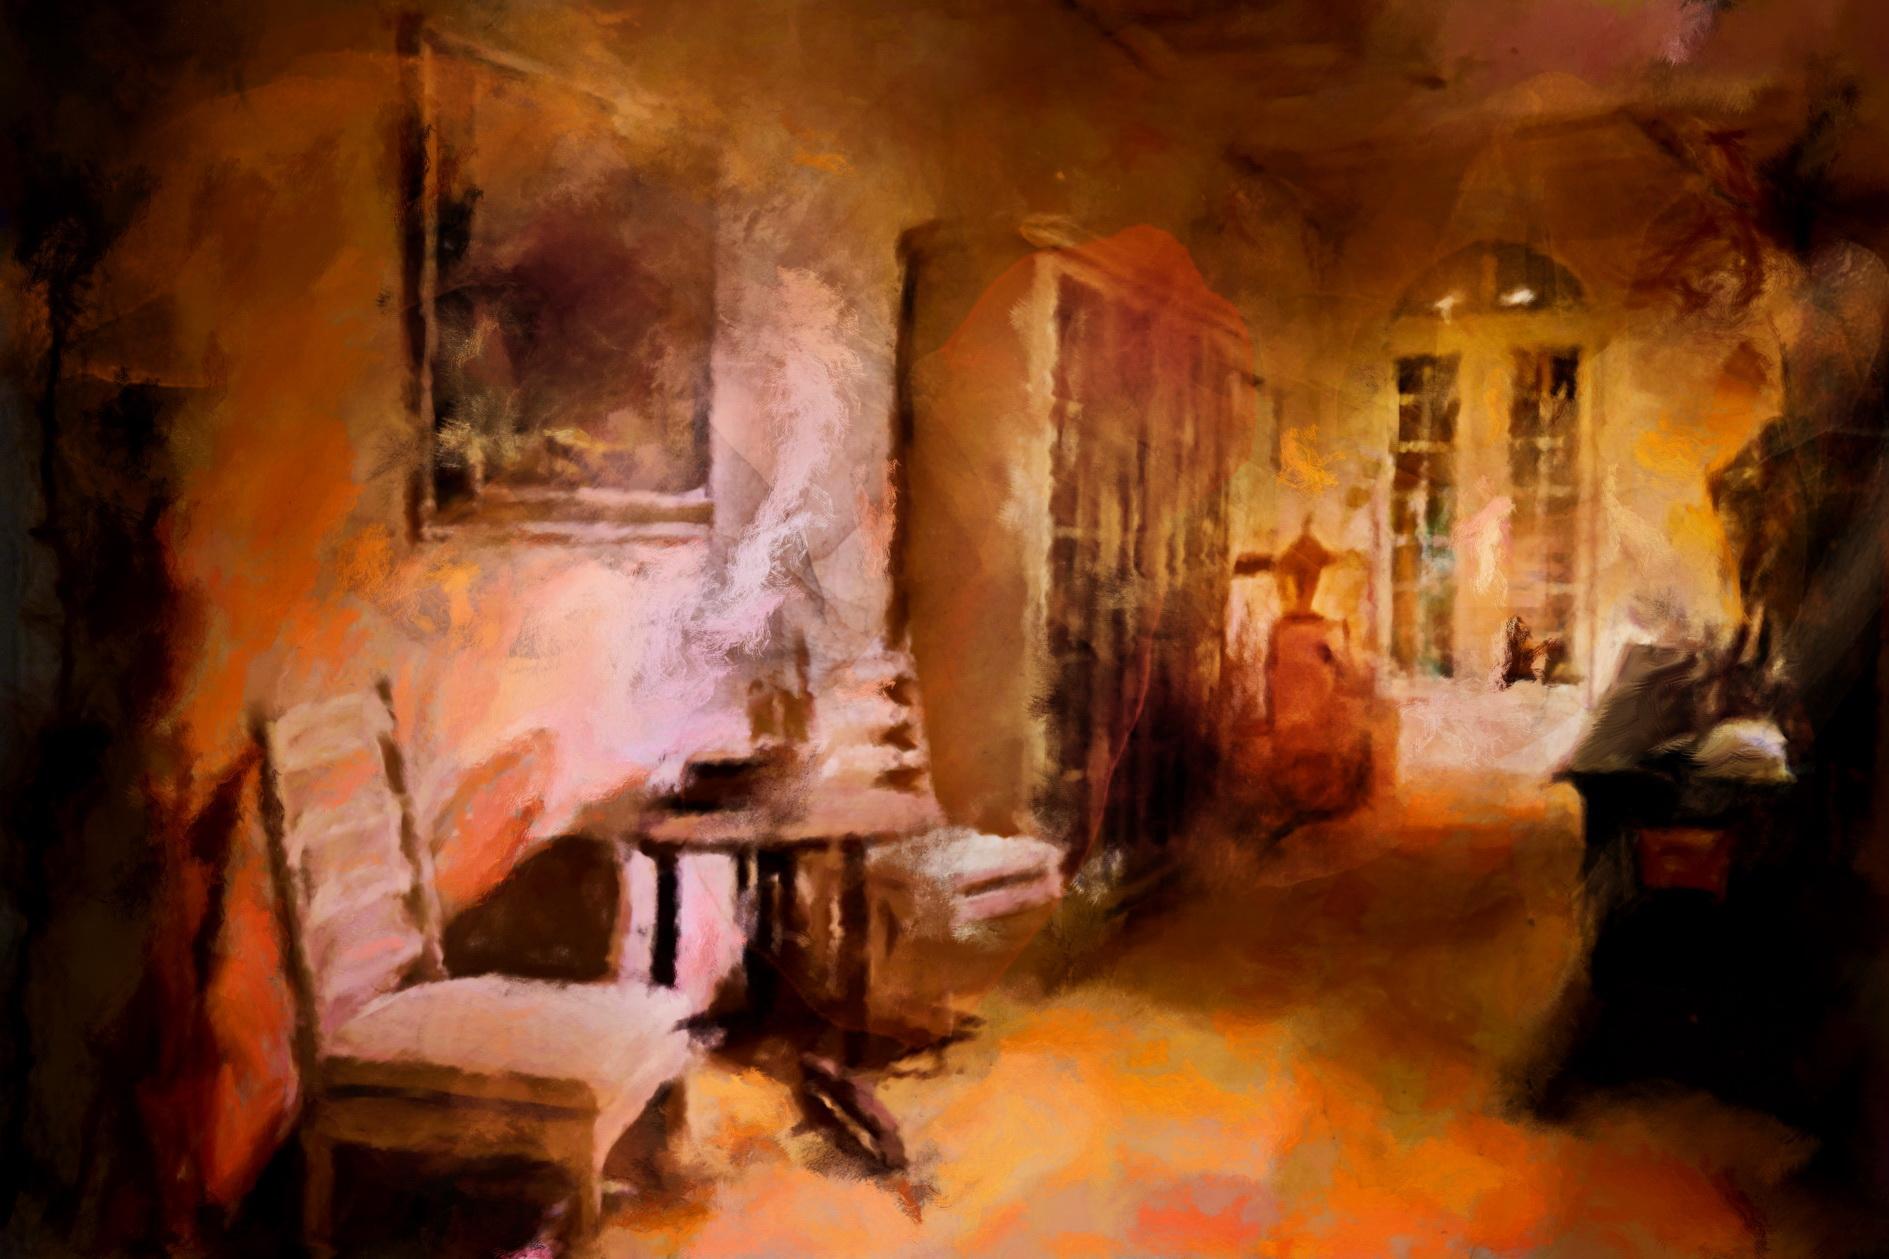 Light and magic naar Flamant interiors, door kunstenaar Laure Van De Meele